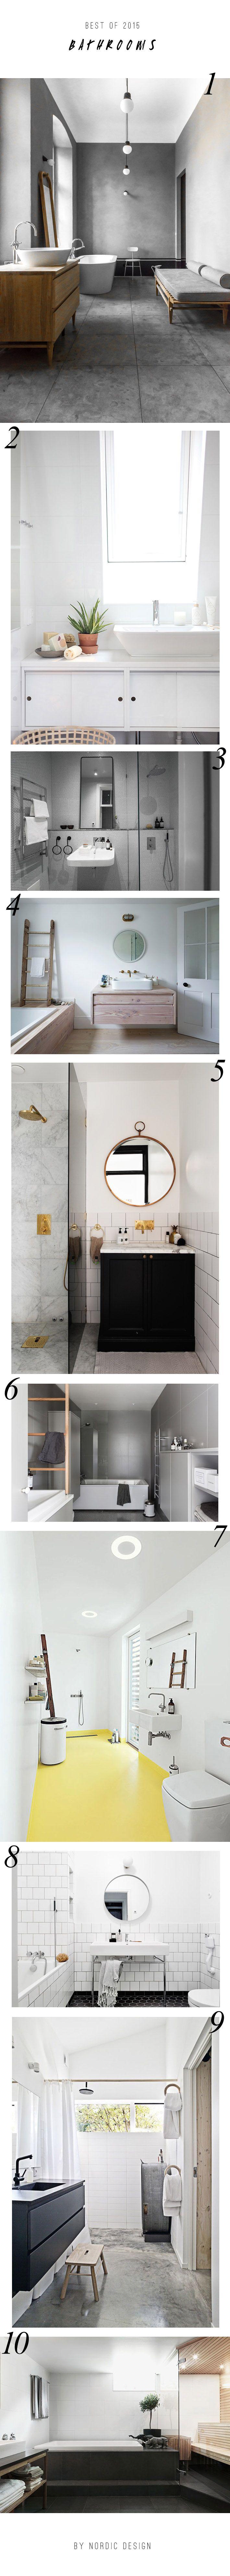 10 beautiful Scandinavian bathrooms